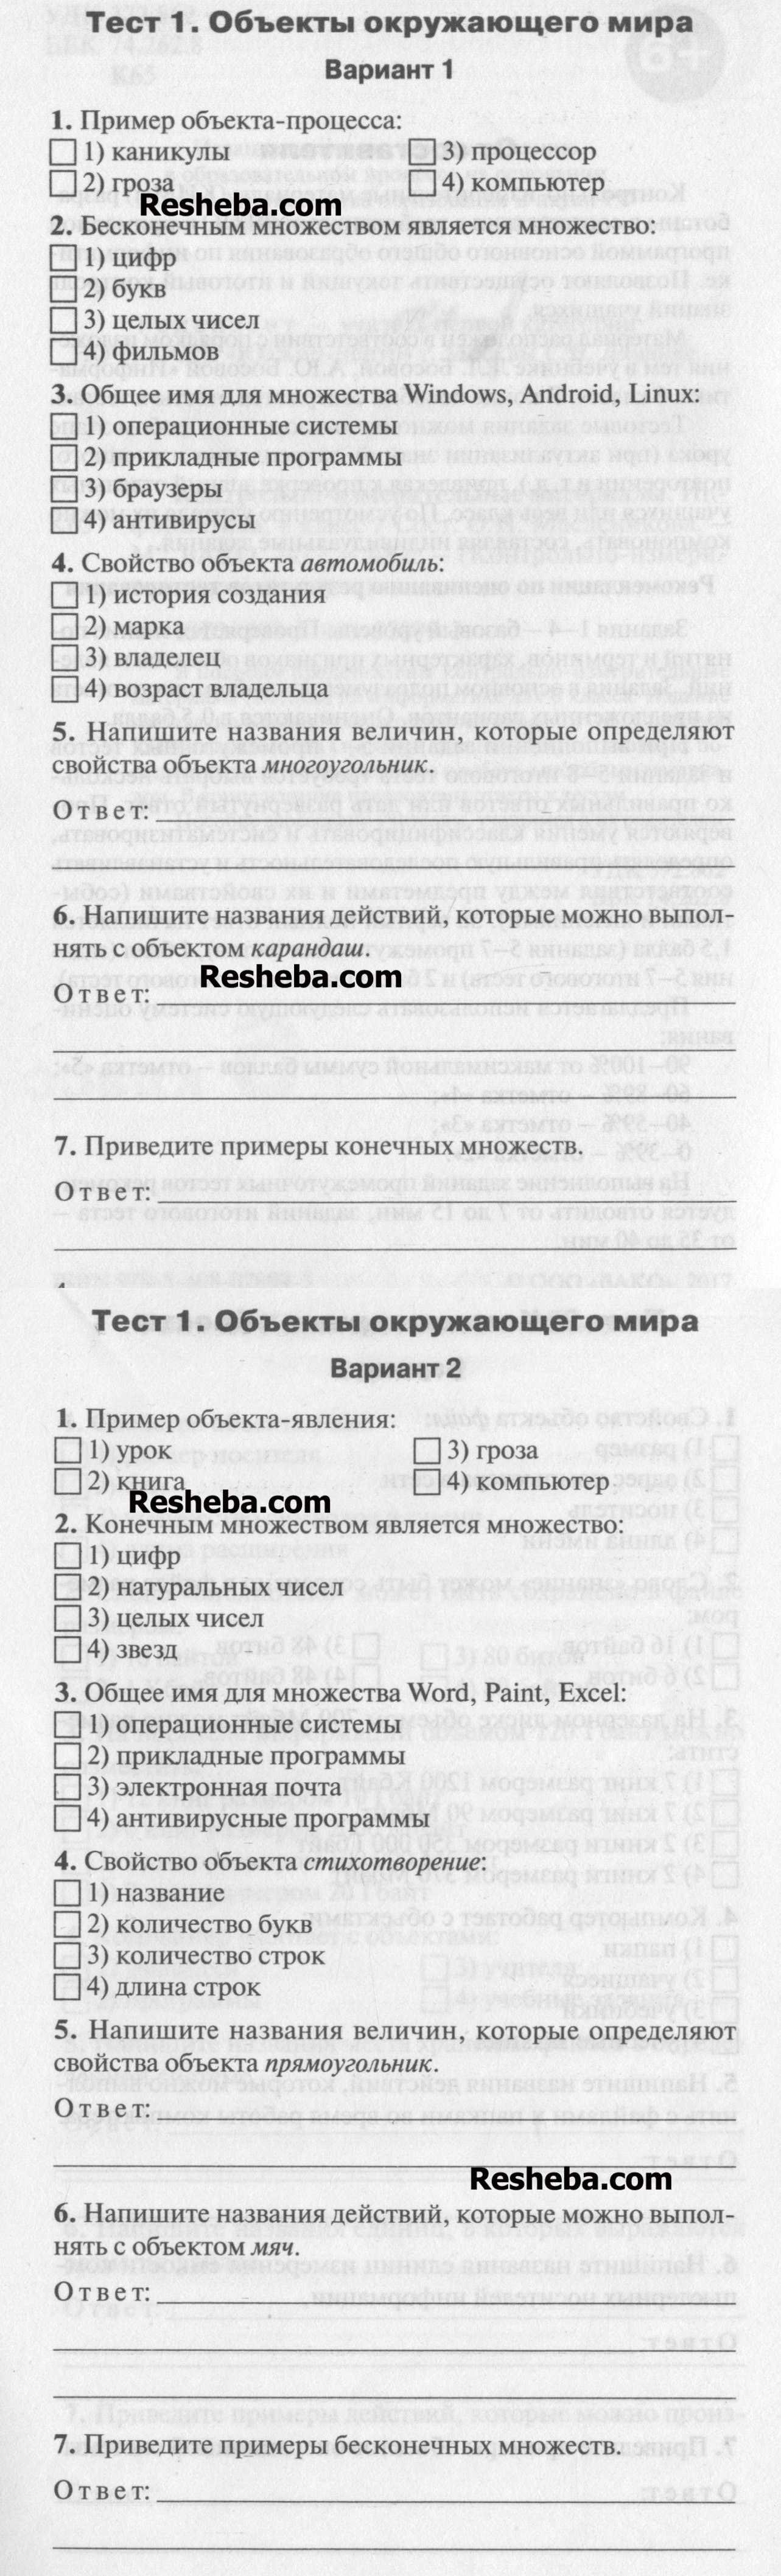 Тестовые задания: 1 - условие